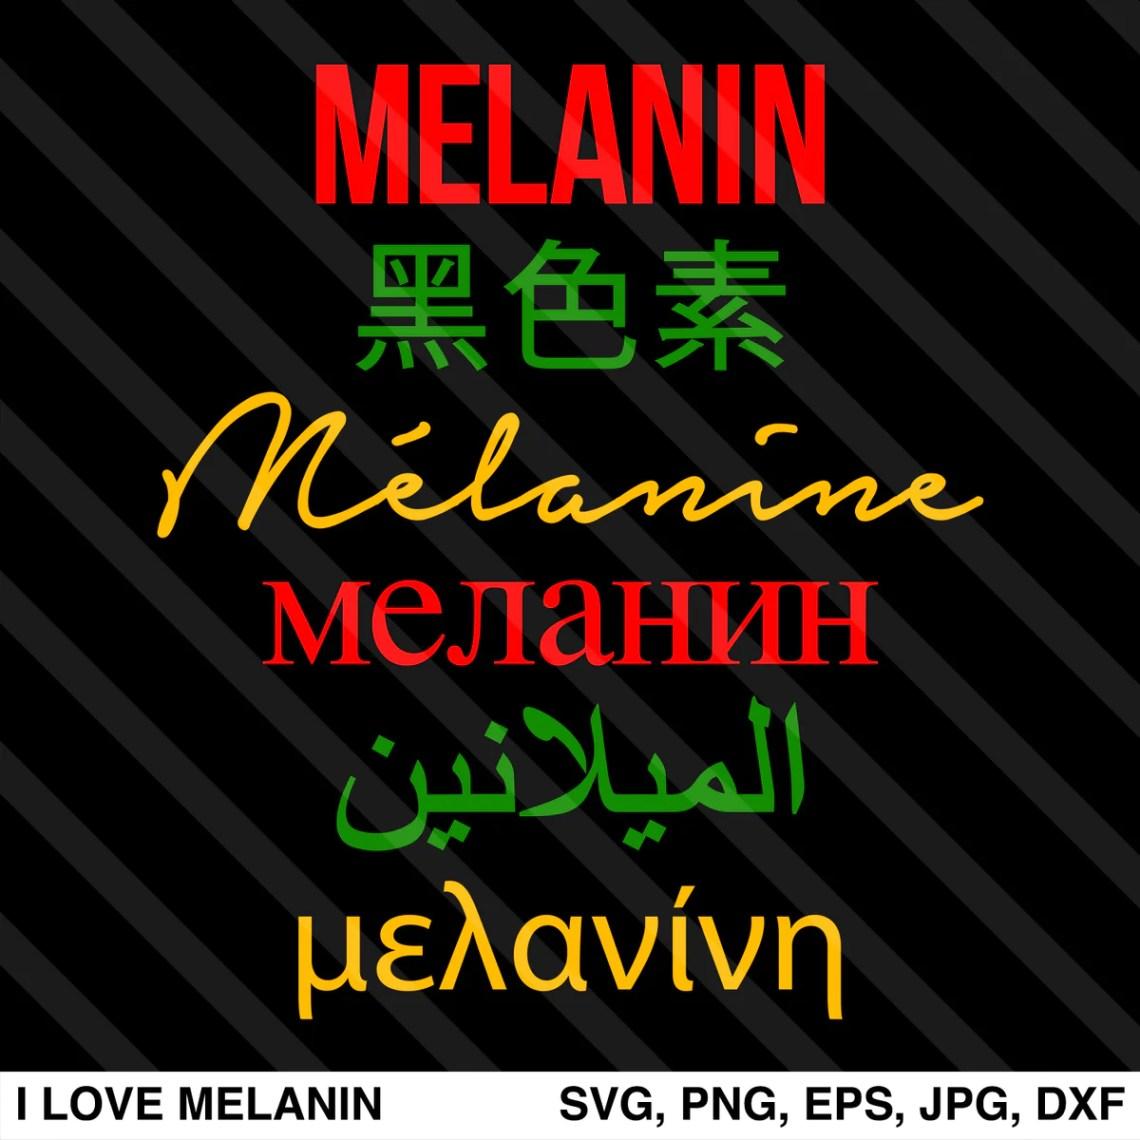 Download Melanin Multilingual SVG - I Love Melanin